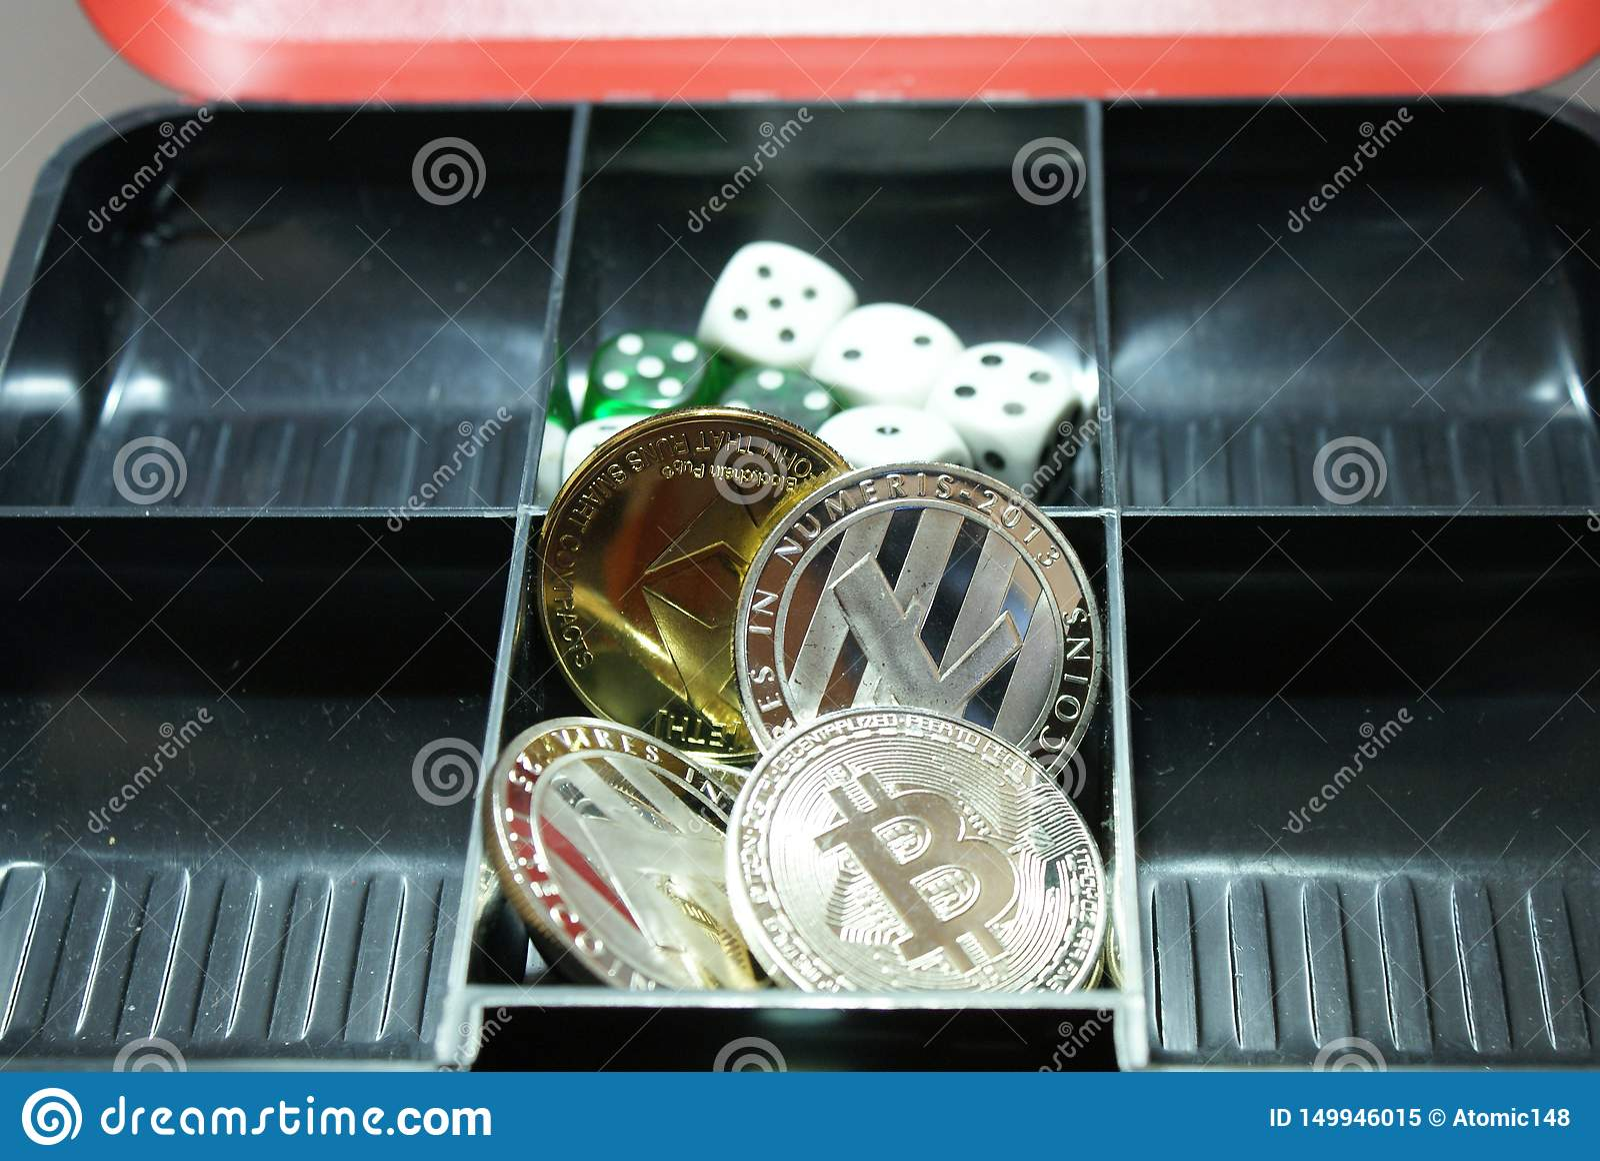 Colección de cryptocurrency en un lockbox